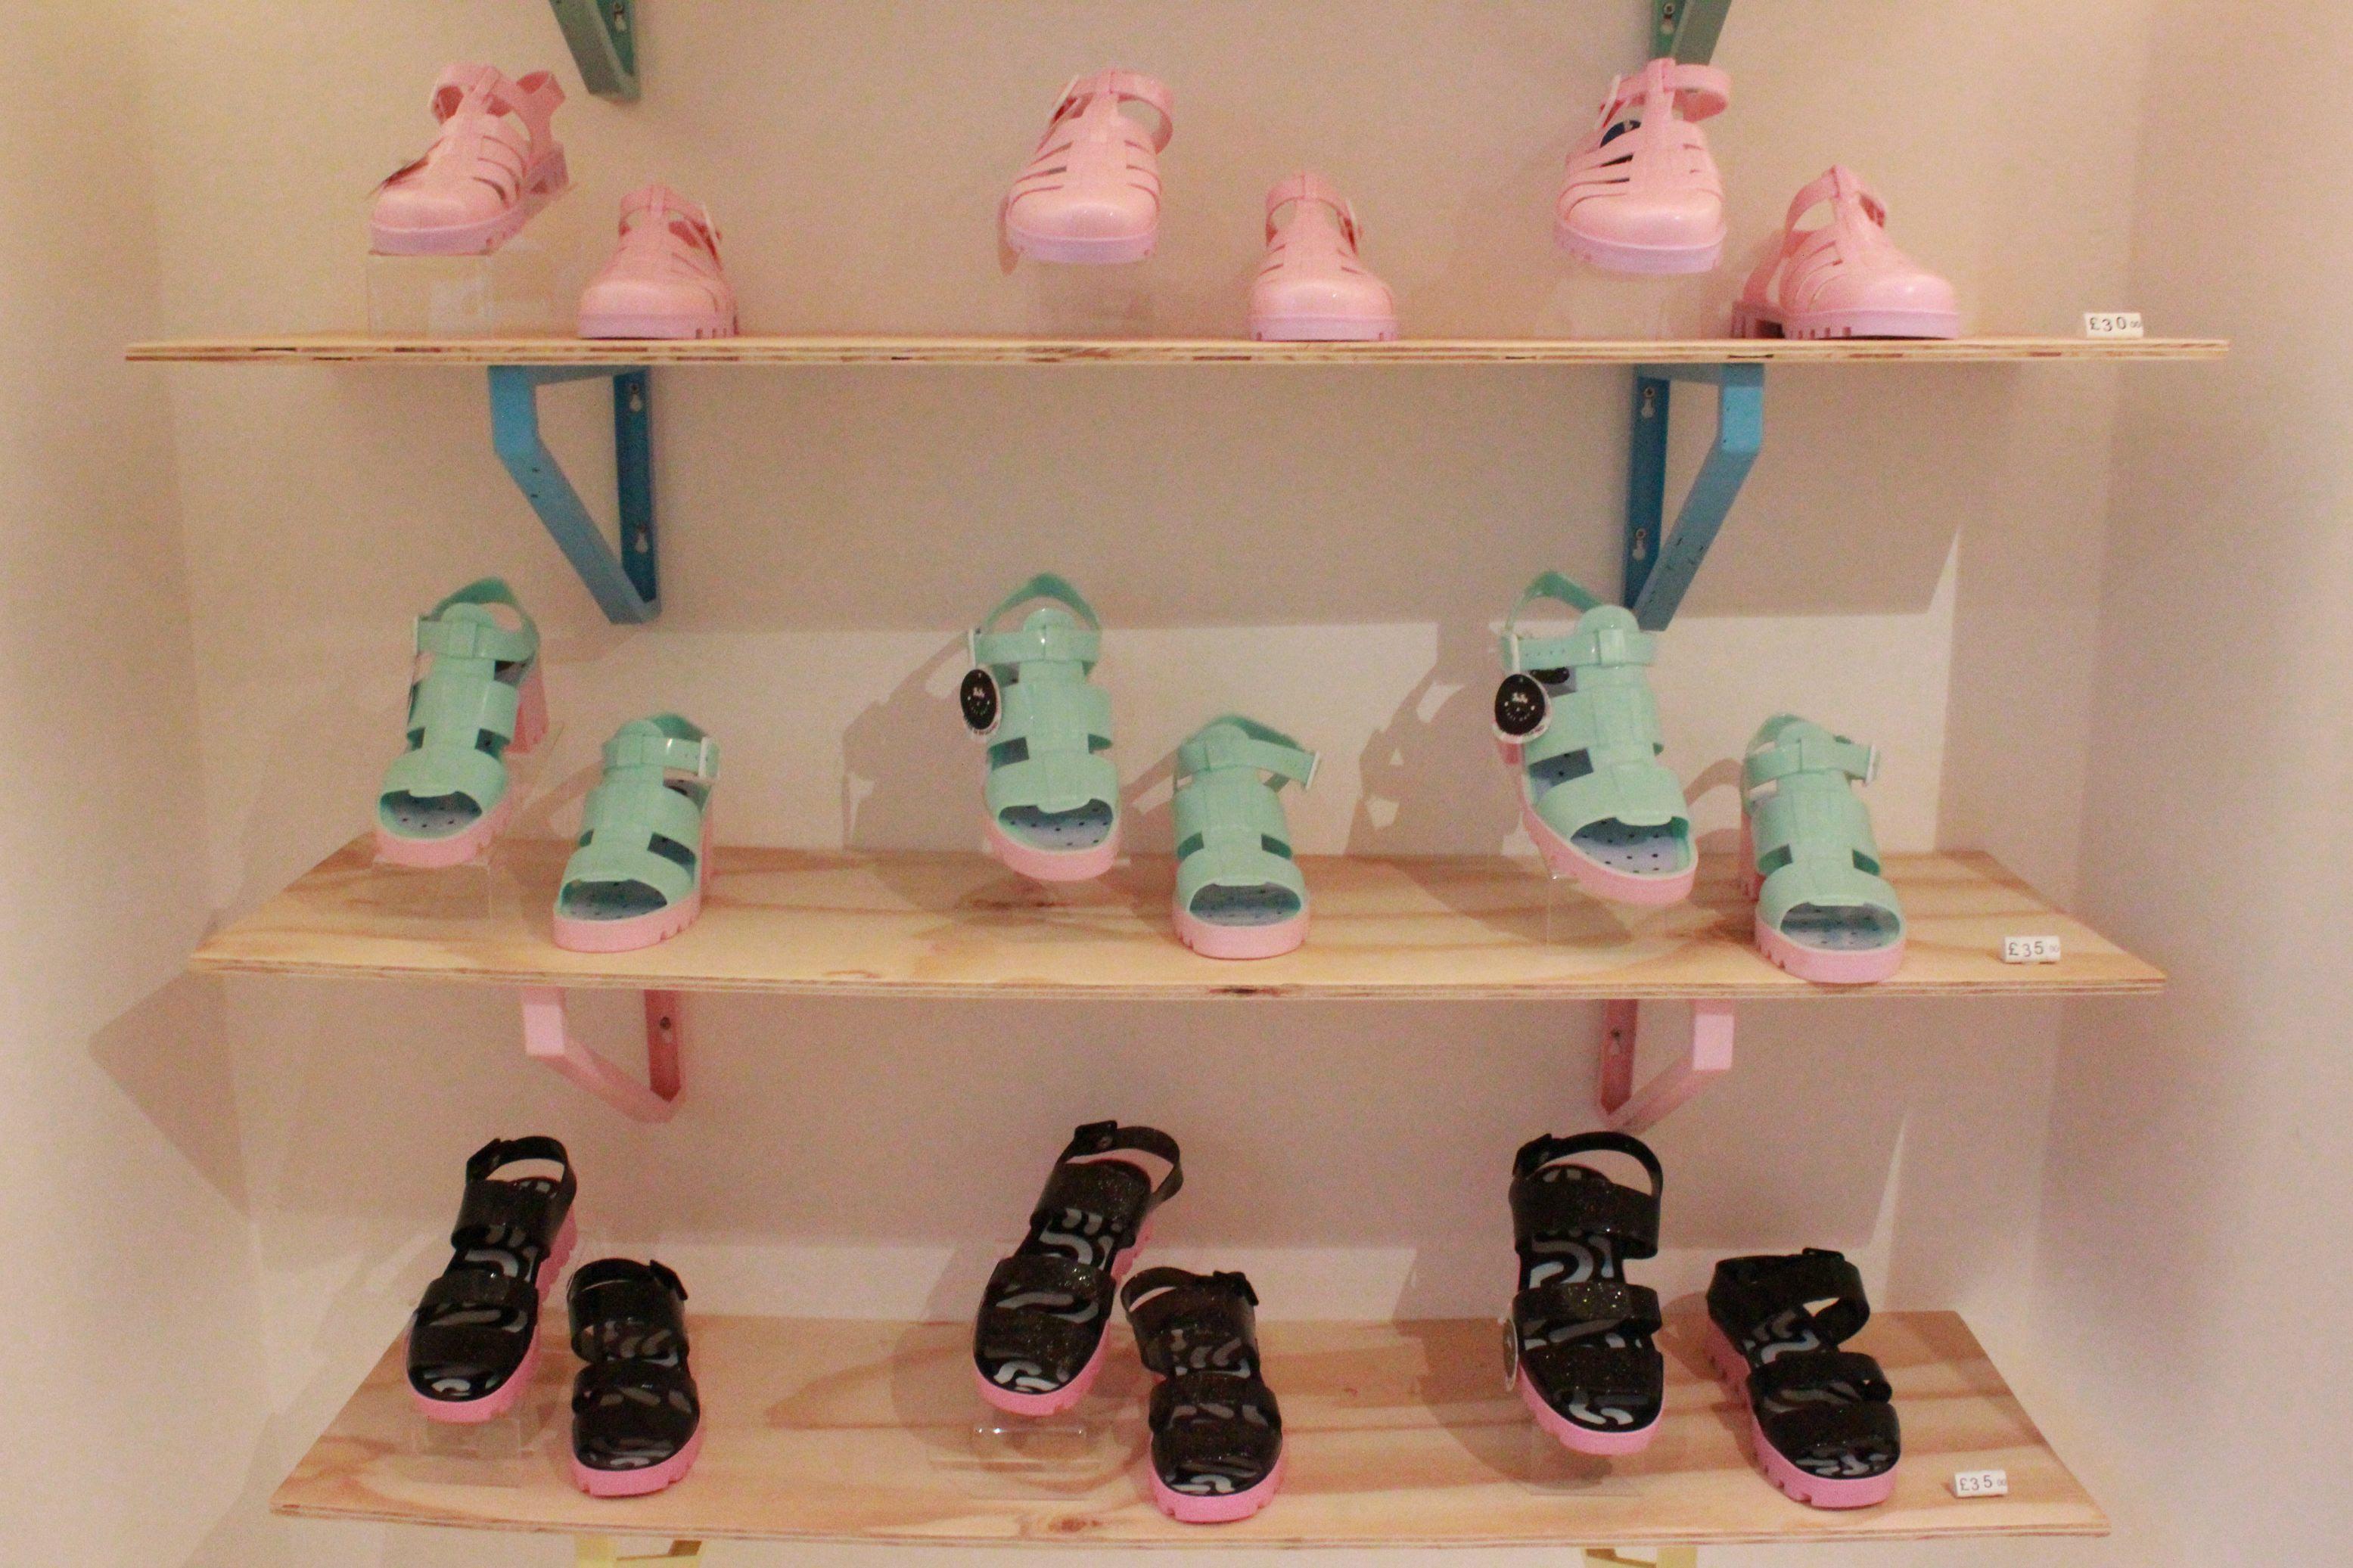 #jujuxlazyoaf Juju footwear and Lazy oaf collaboration